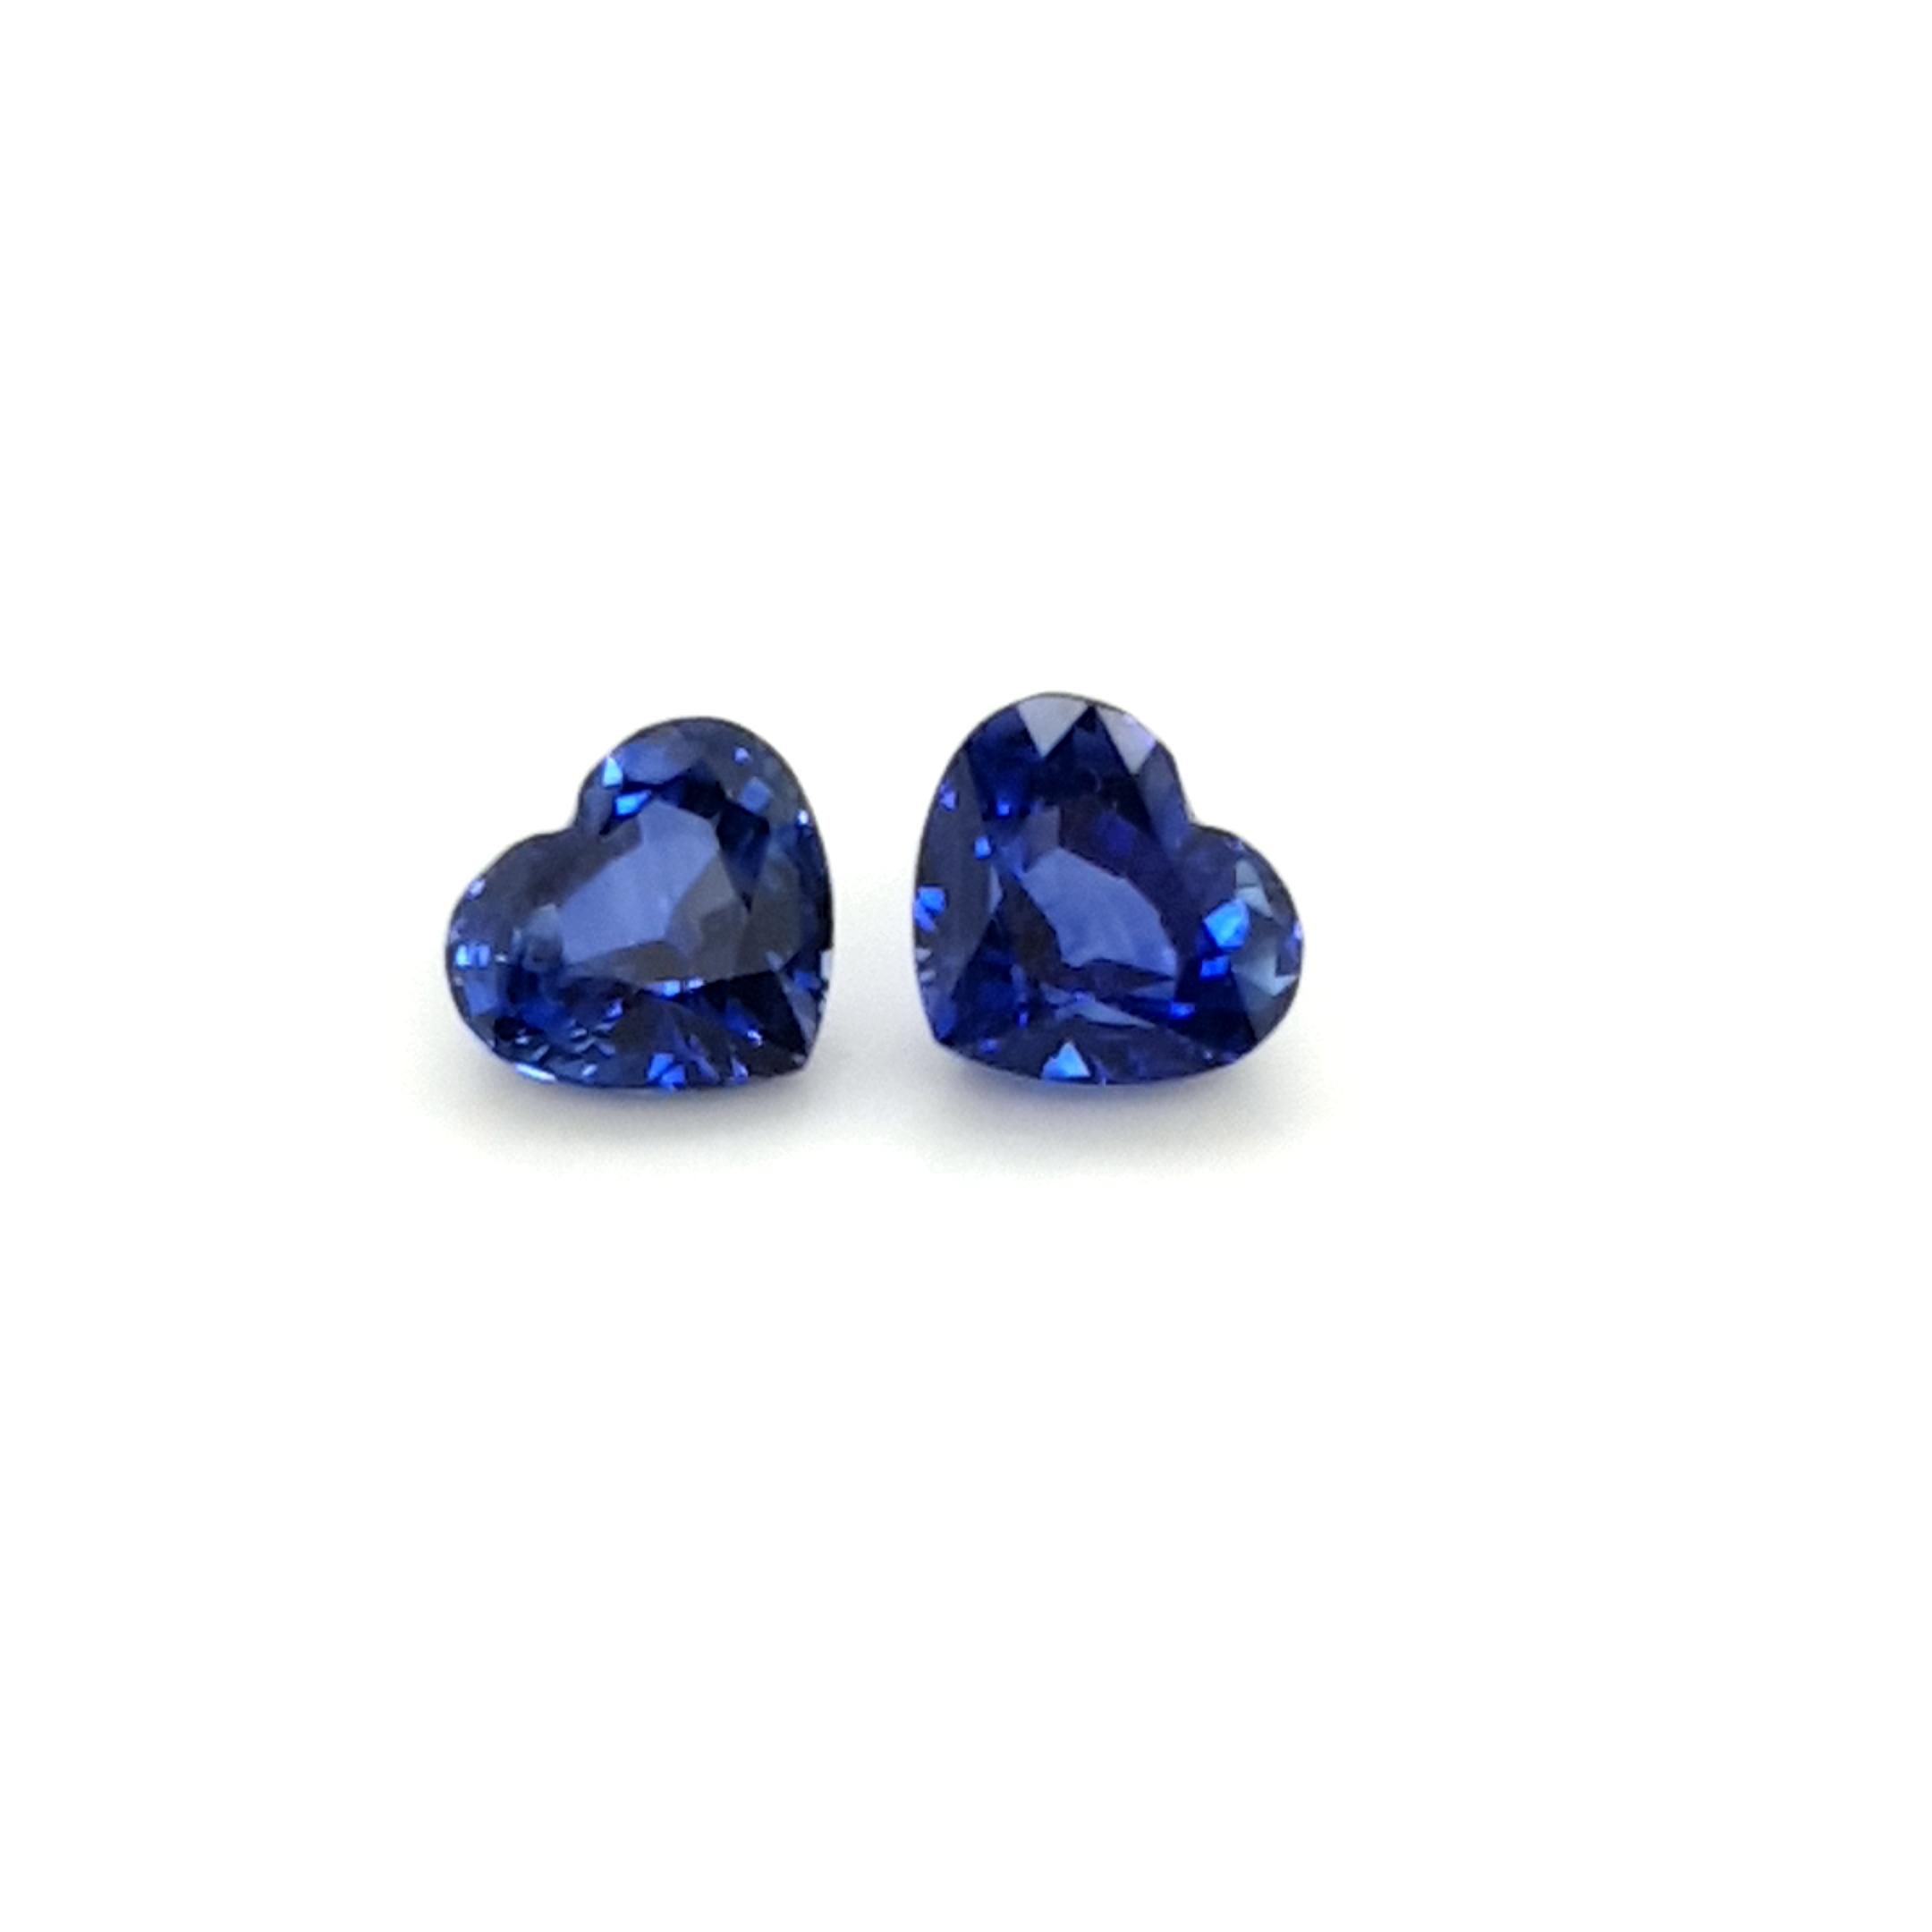 2,76ct. Pair HeartShape Sapphire SAB19D10 ClaudiaHamann__2021-06-03-22-51-29